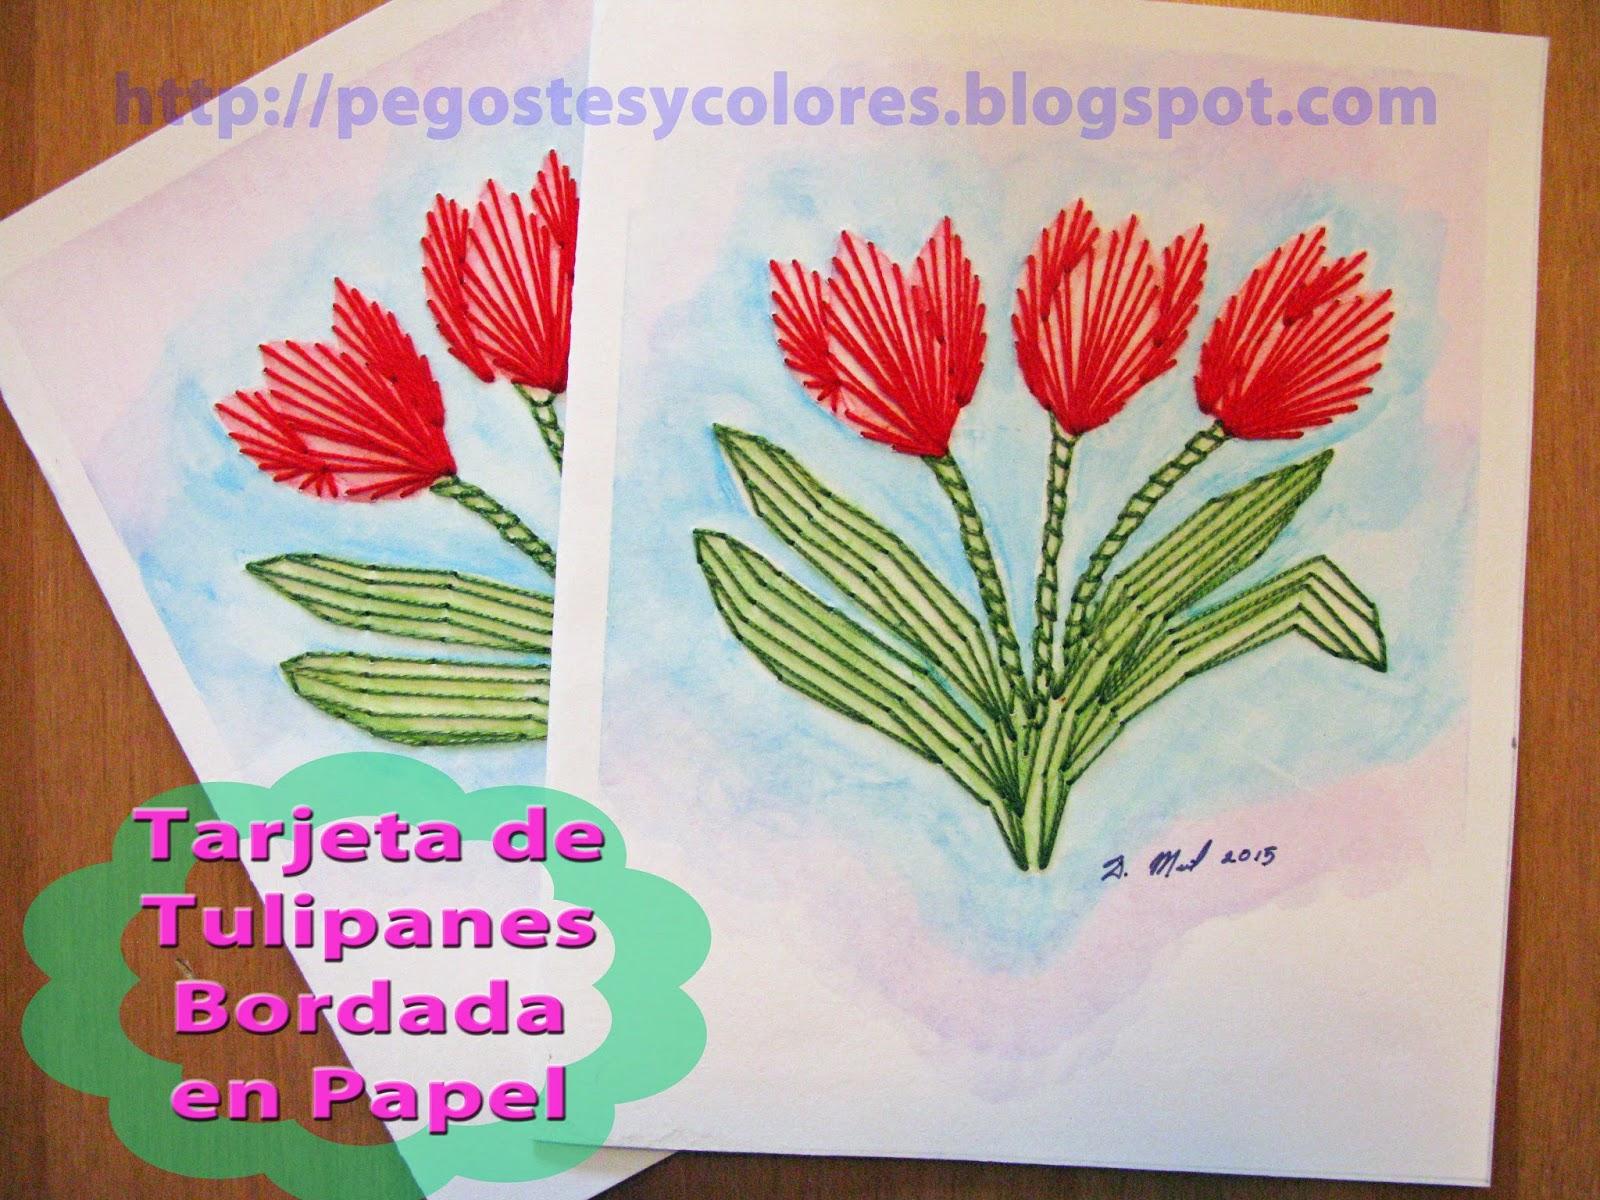 Pegostes y Colores: Tarjeta de Tulipanes Bordada en Papel